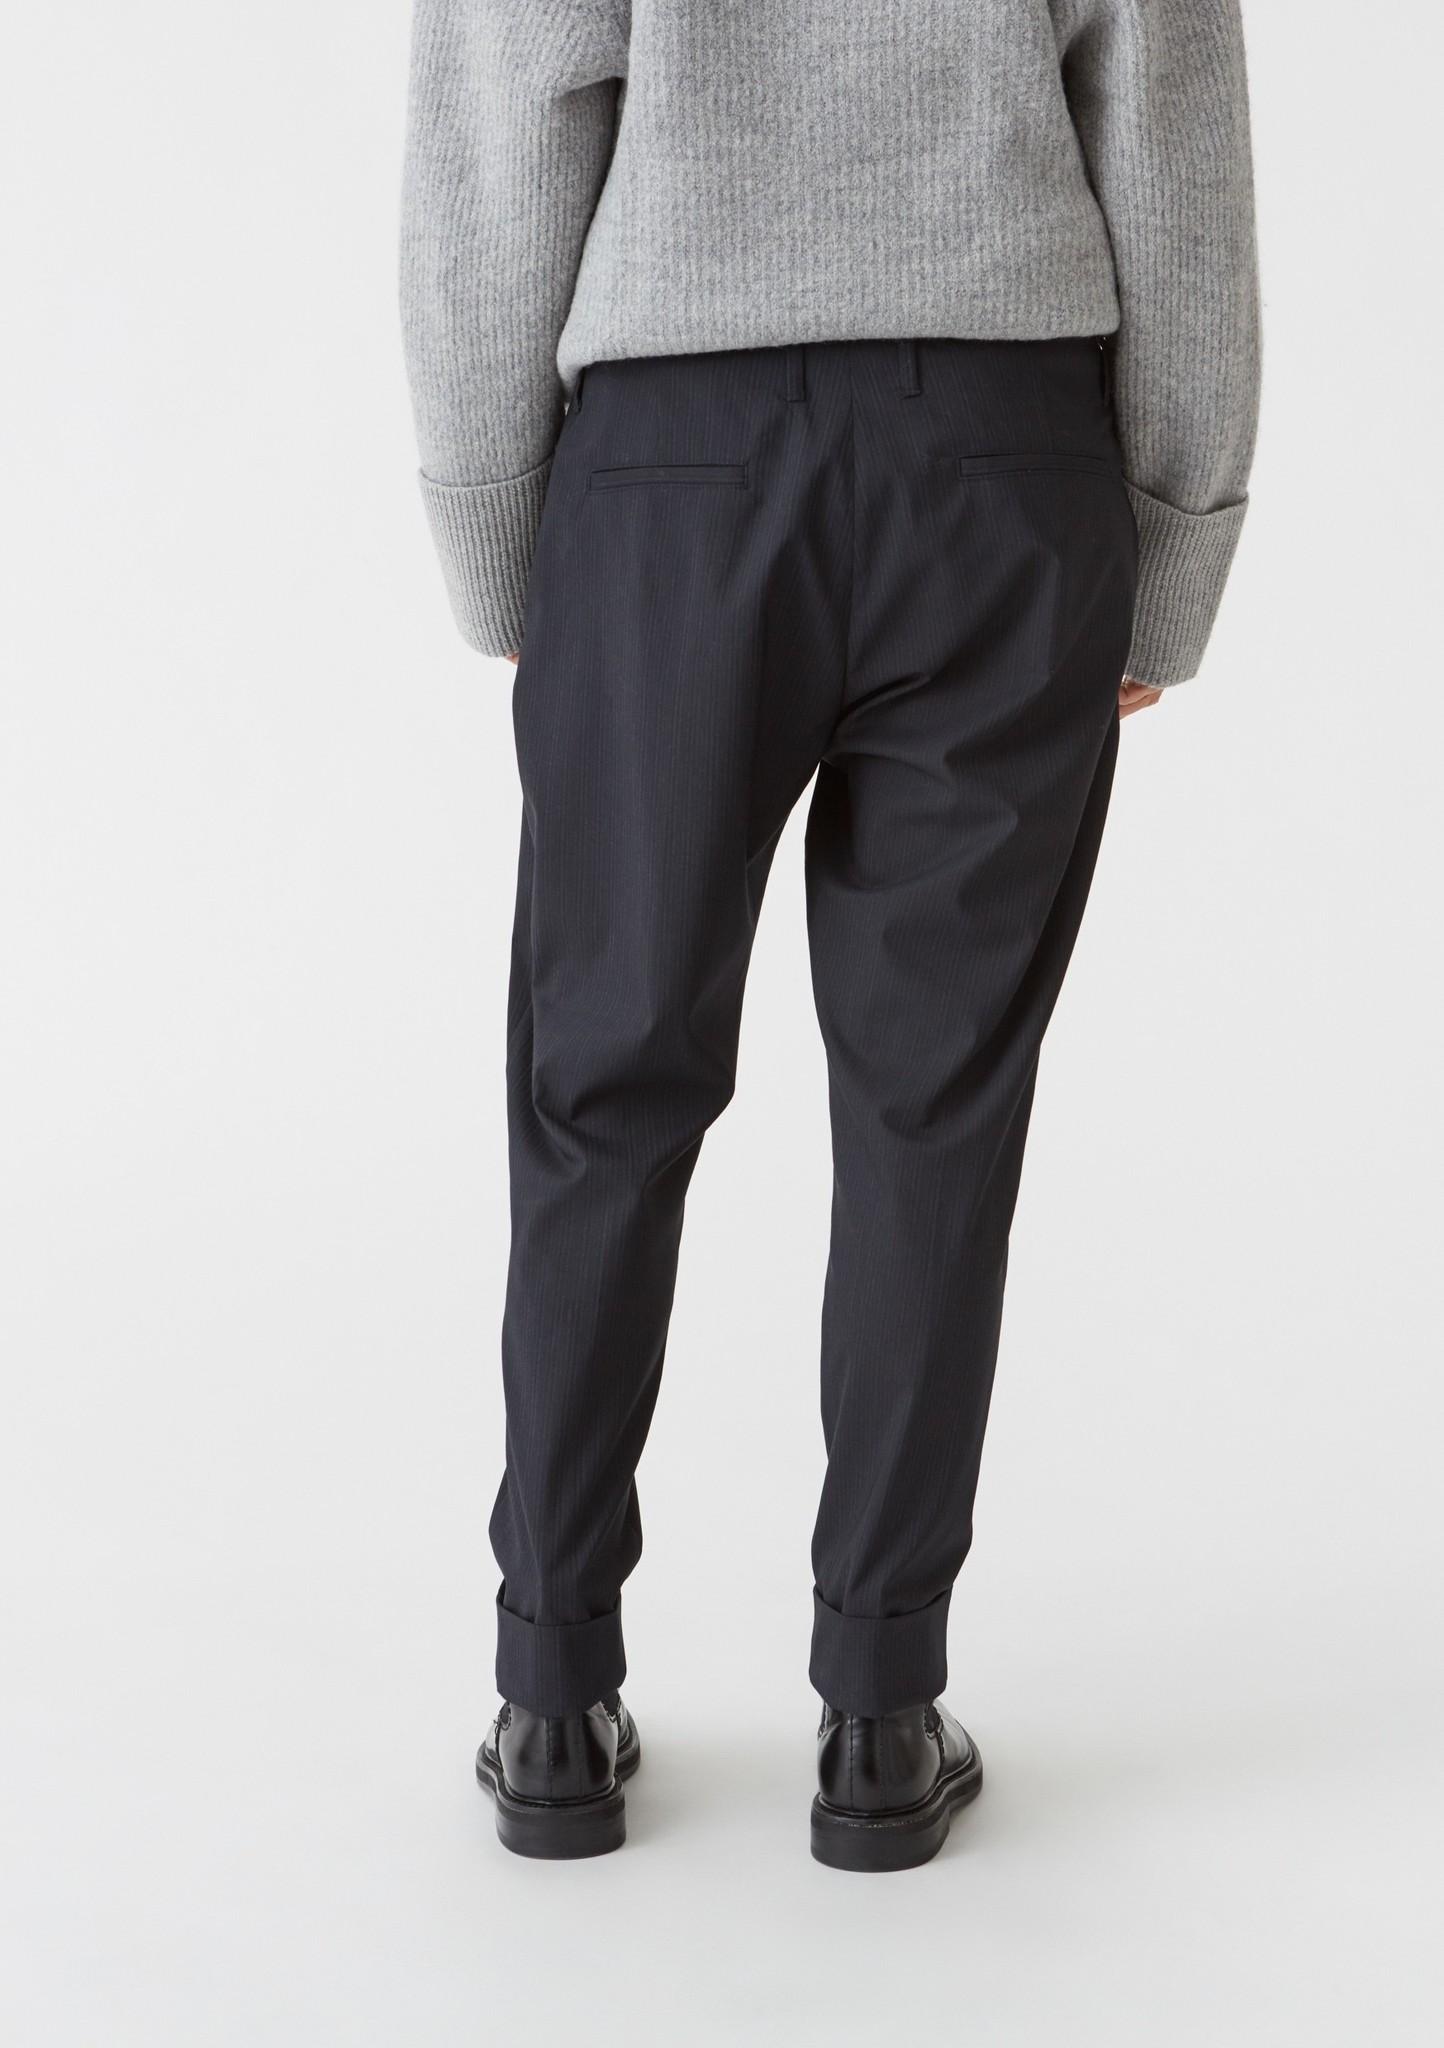 Law trouser Navy stripe